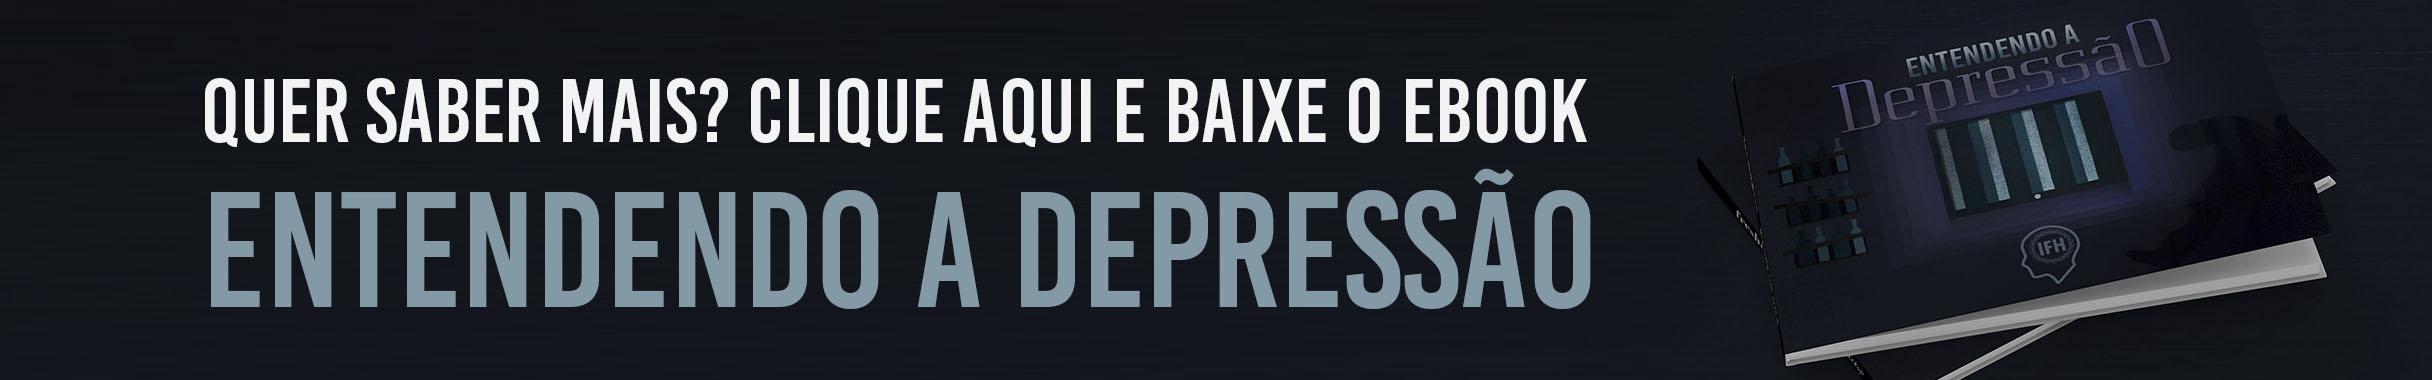 Banner Depressão